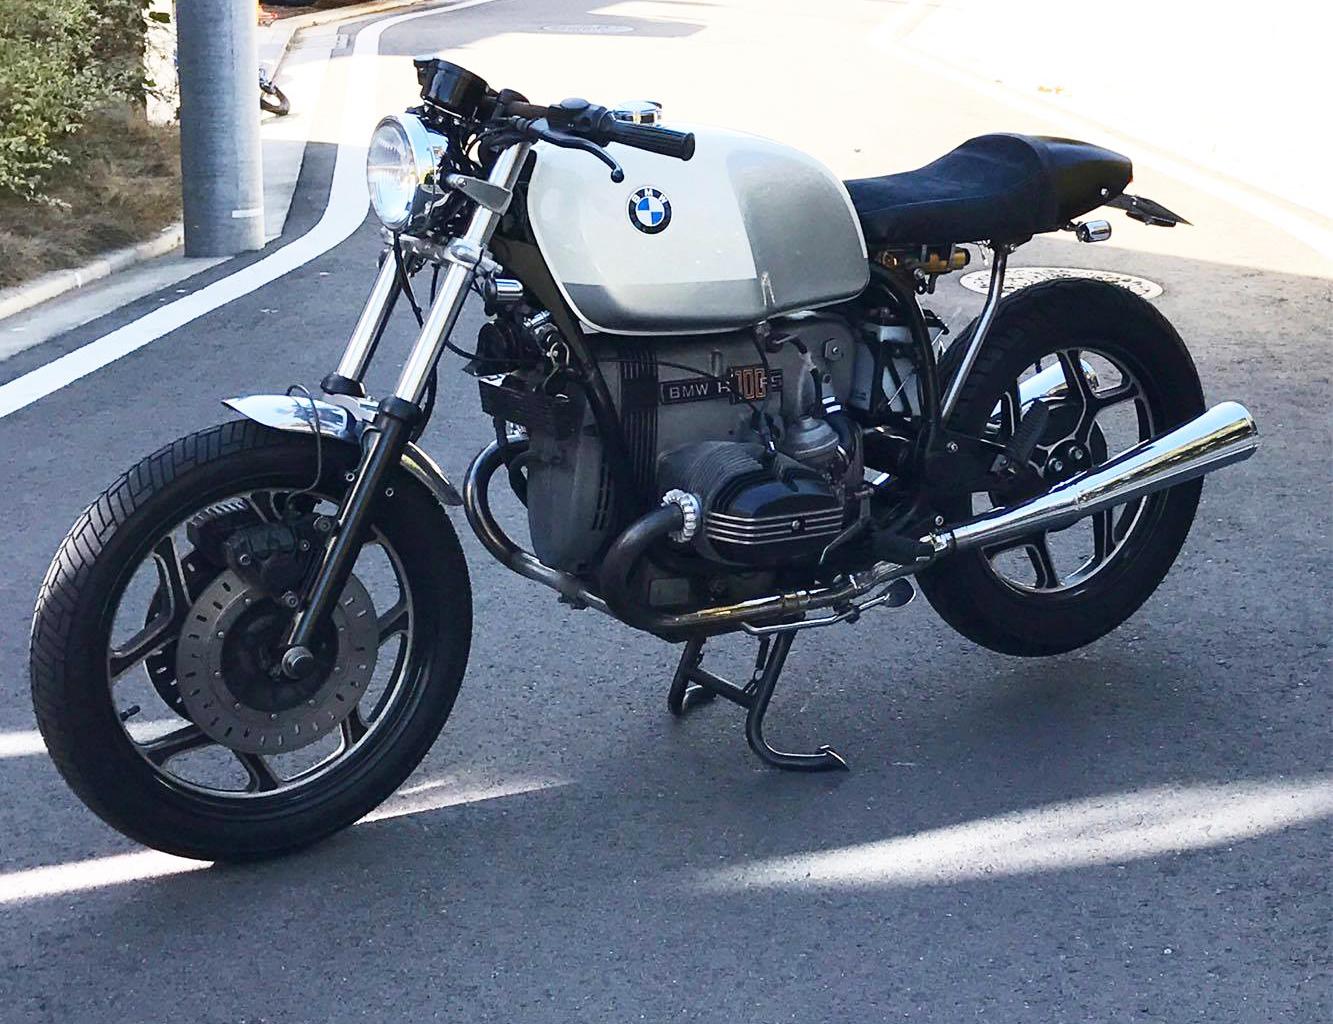 BMW R100RS 汎用シートカスタム&試作フレーム検証